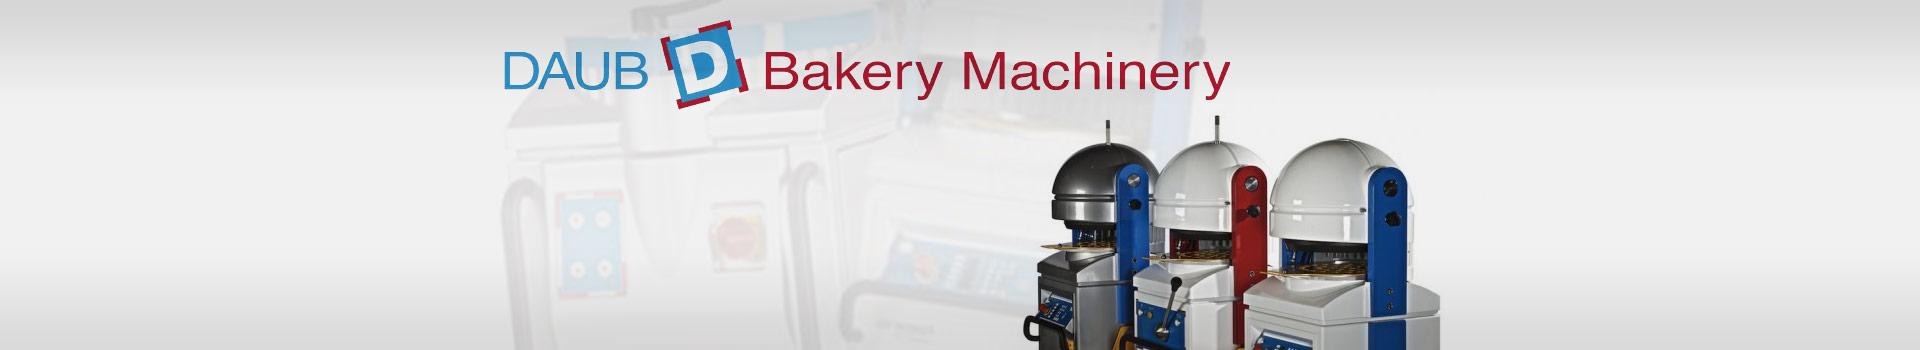 Daub Bakery Machinery